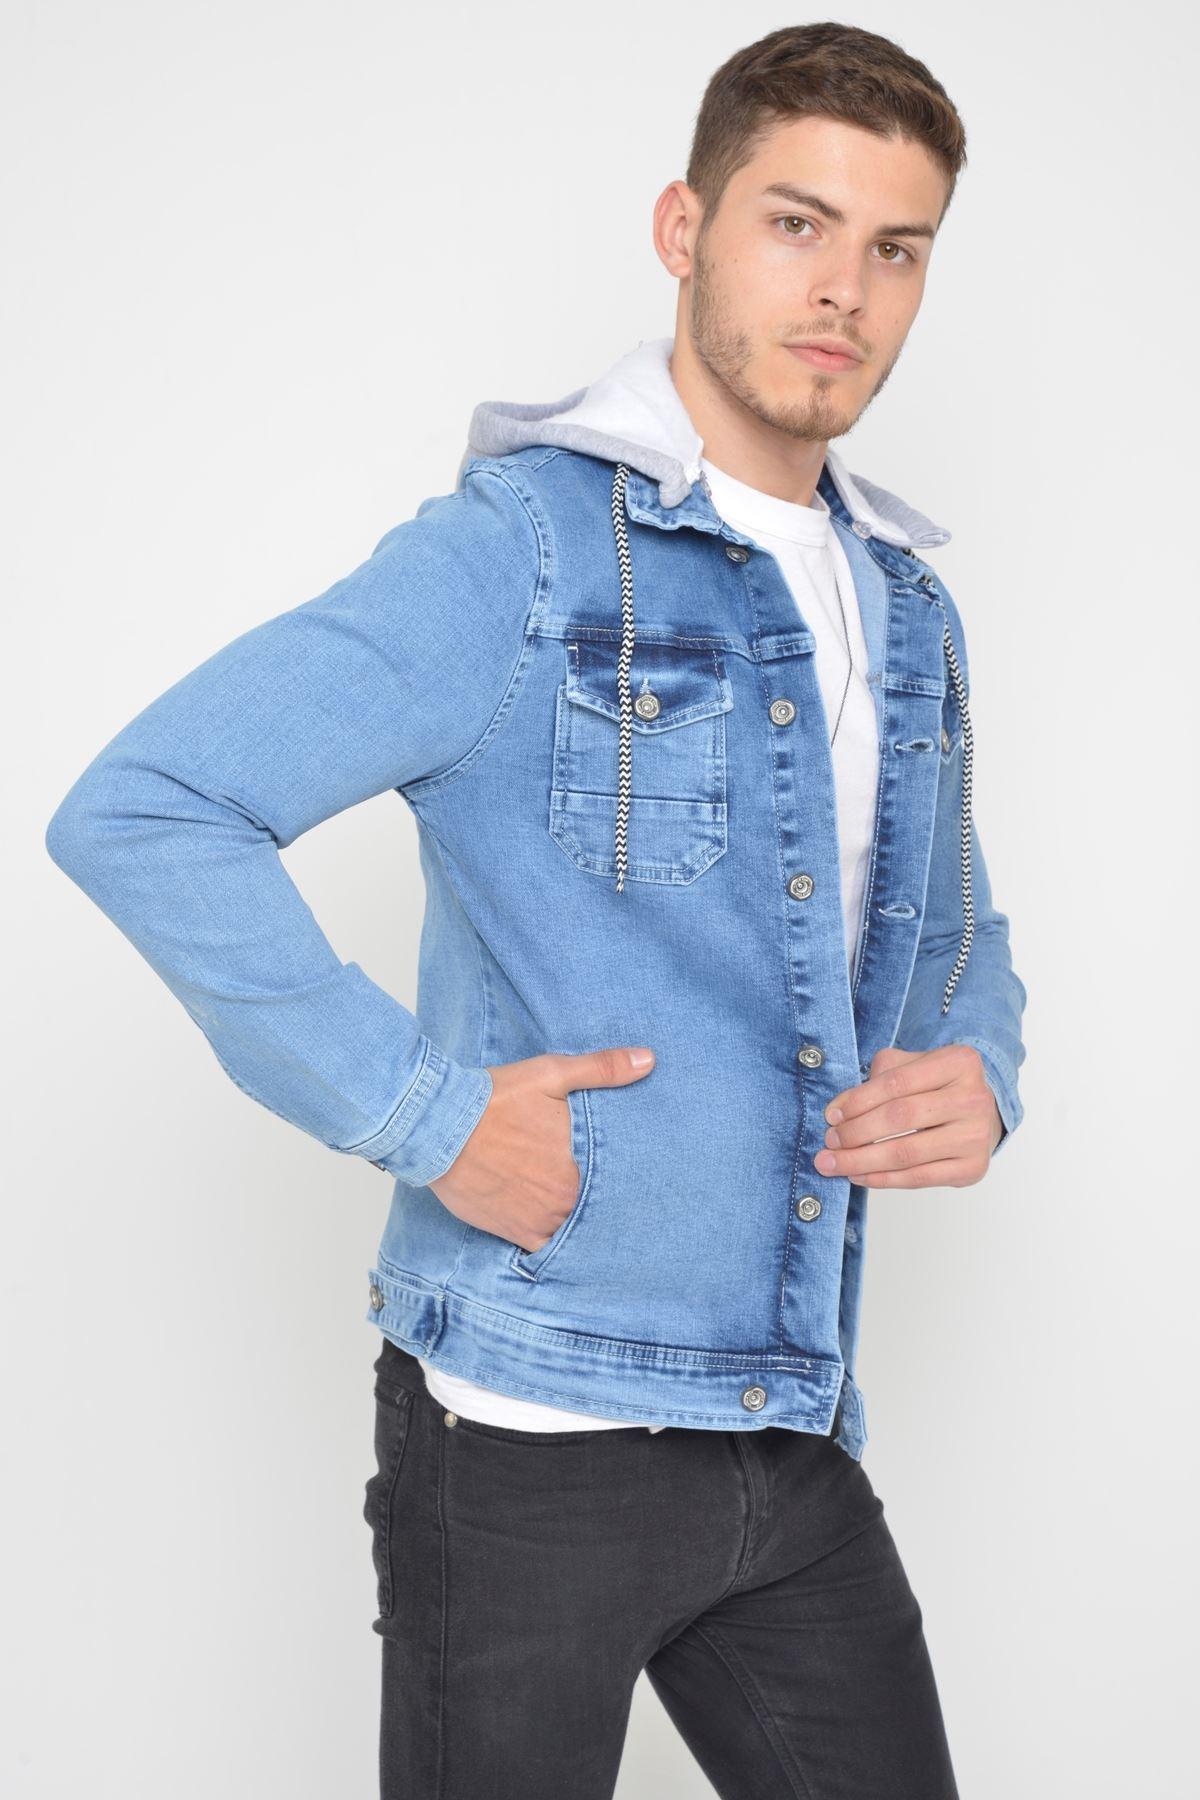 Erkek Çıkarılabilir Kapüşonlu Buz Mavisi Random Yıkamalı Kot Ceket